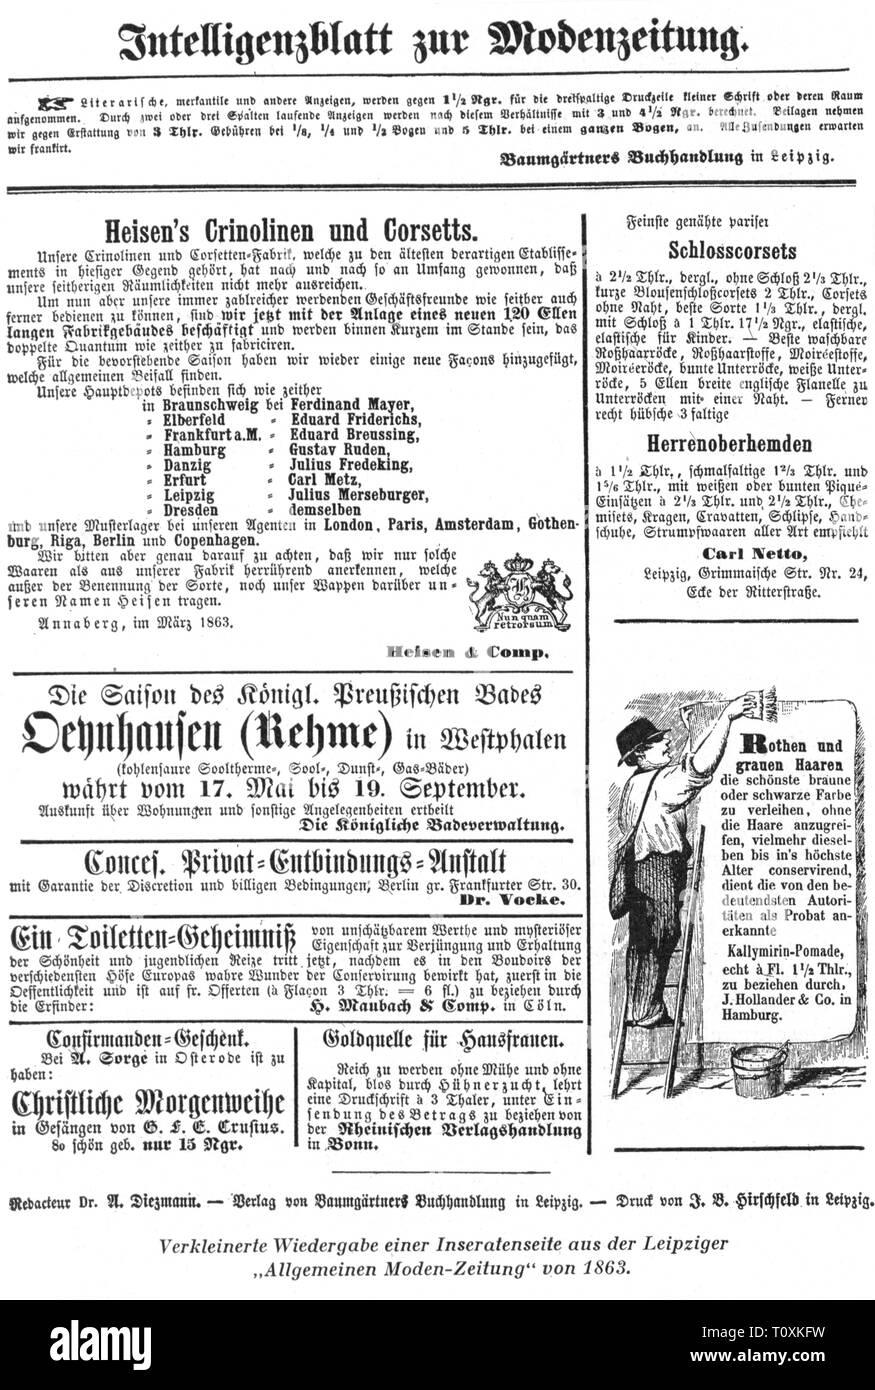 La publicité, presse/médias, ad-page, dans: 'Allgemeine Moden-Zeitung', Leipzig, 1863, copyright de l'artiste n'a pas à être effacée Photo Stock